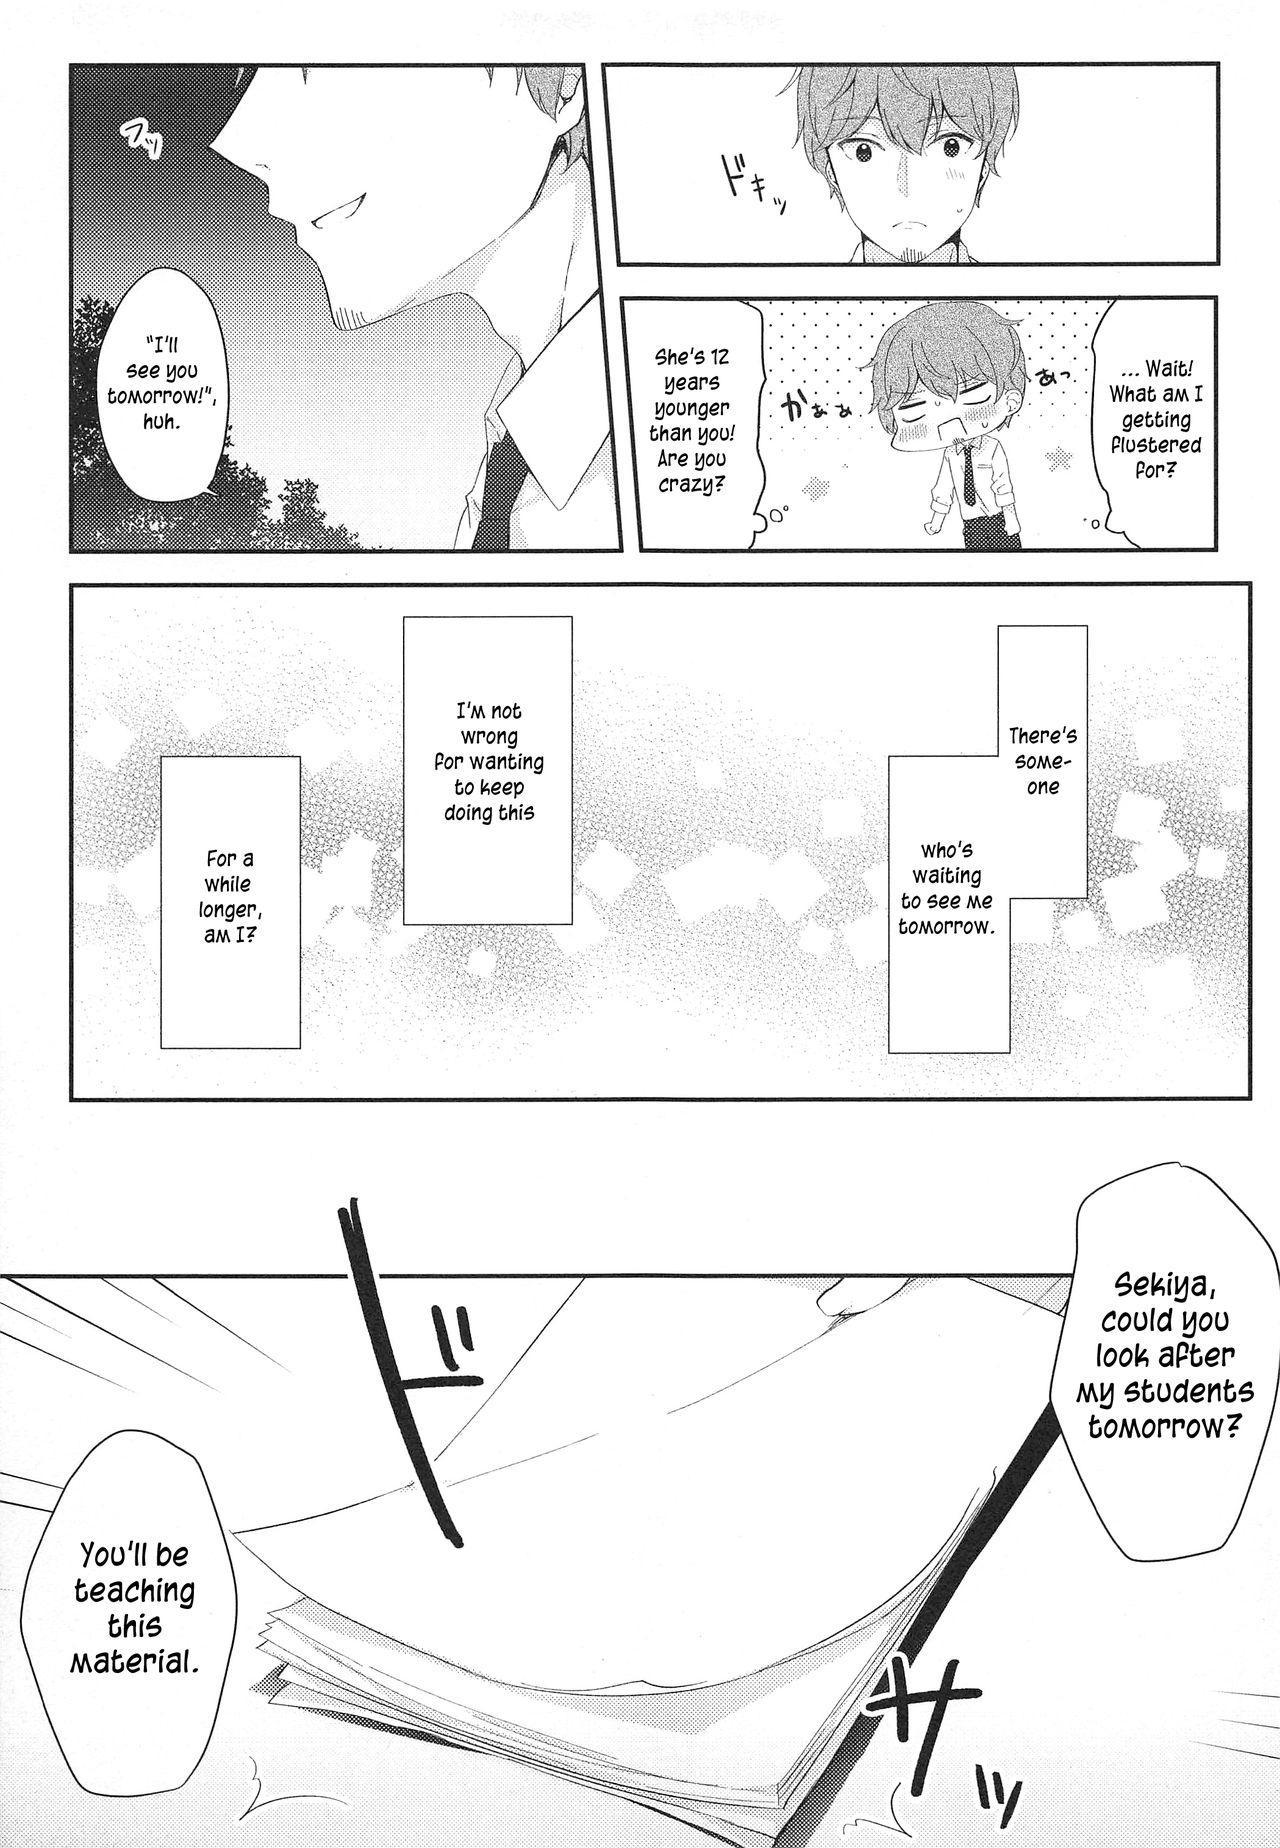 12-sai Sa no Himitsu Renai | A Secret Relationship 12 Years Apart 9